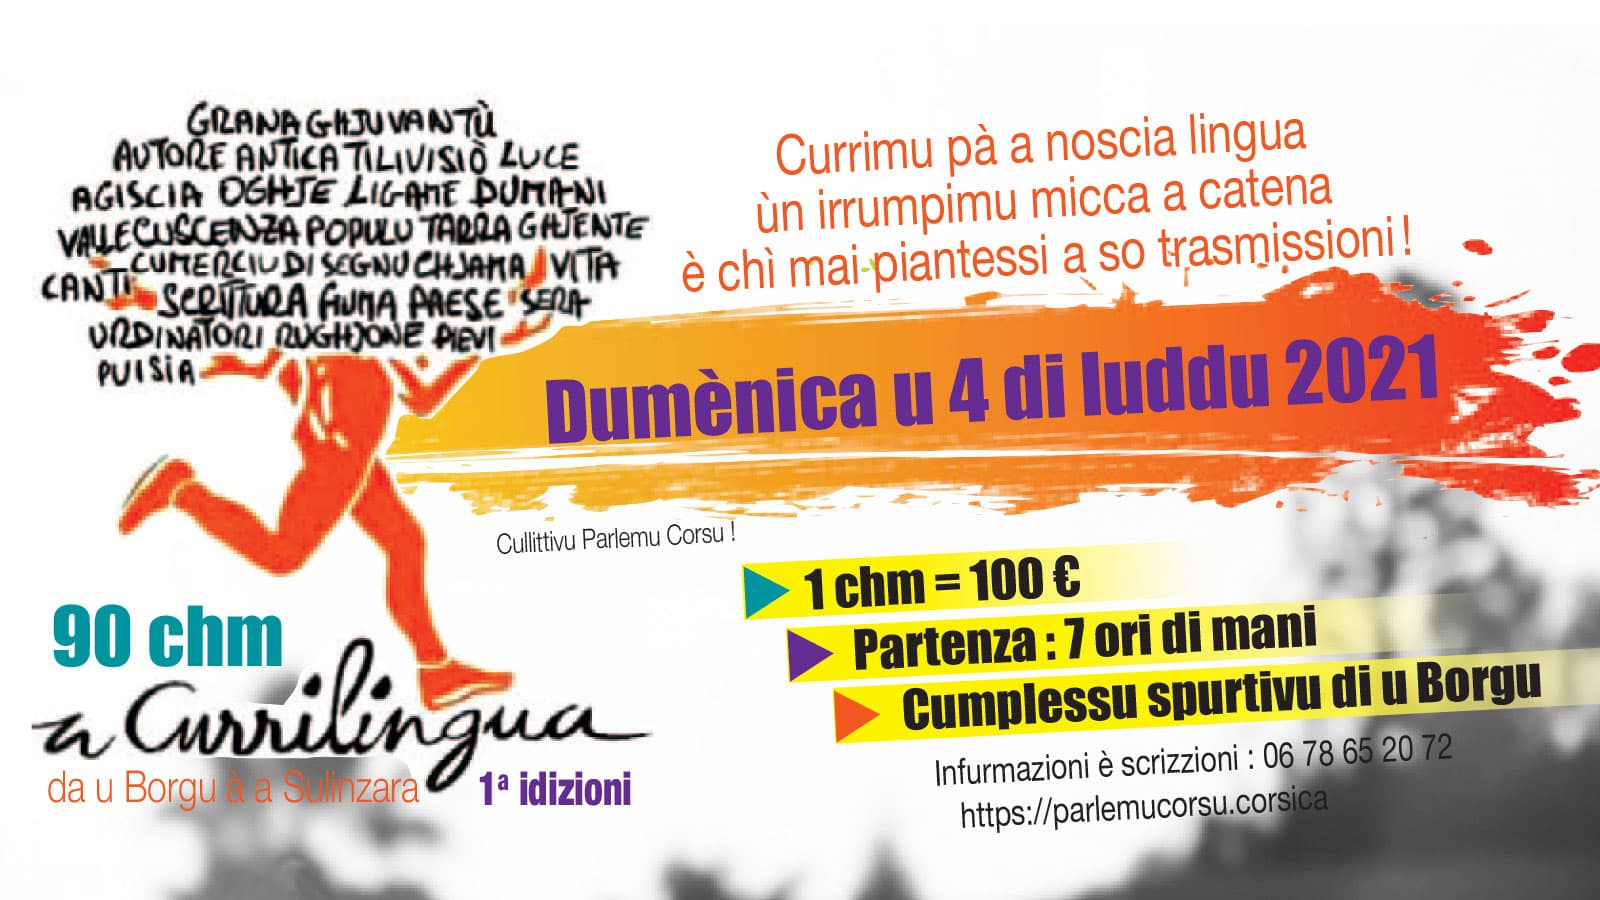 Participation to A Currilingua